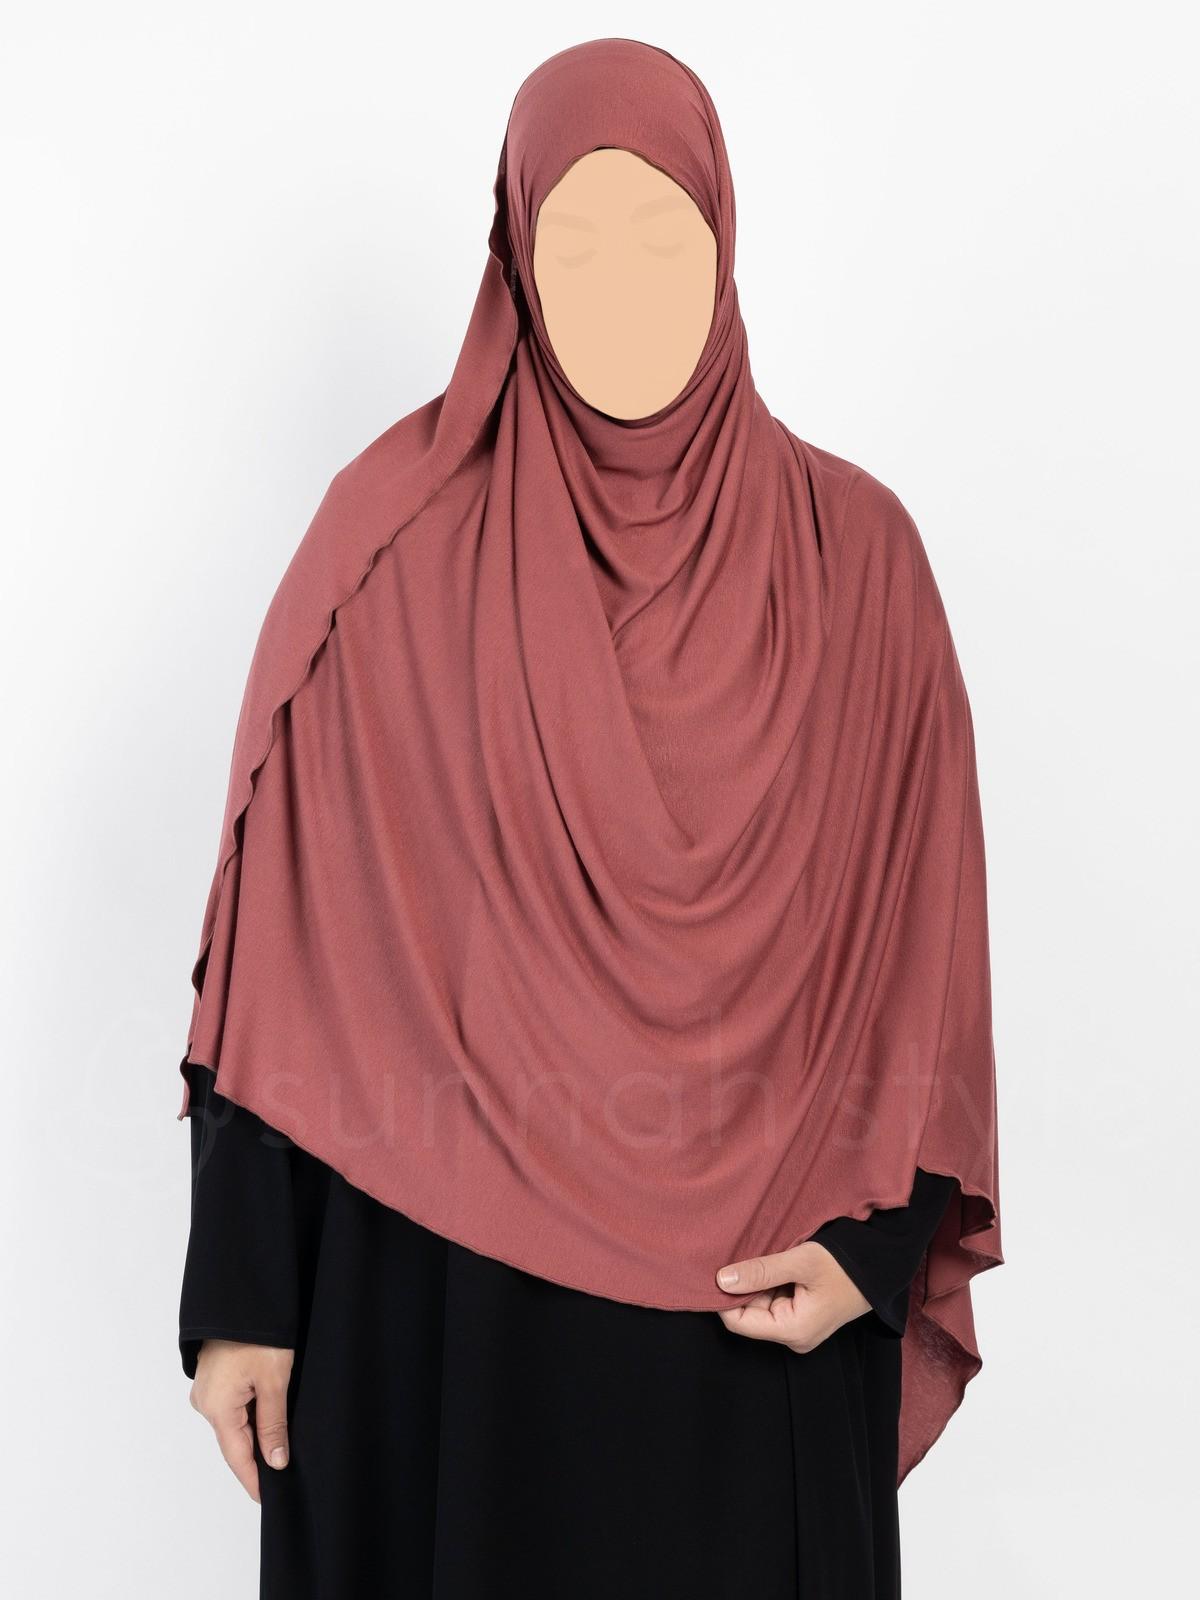 Sunnah Style - Urban Shayla (Soft Jersey) - XL (Chili)